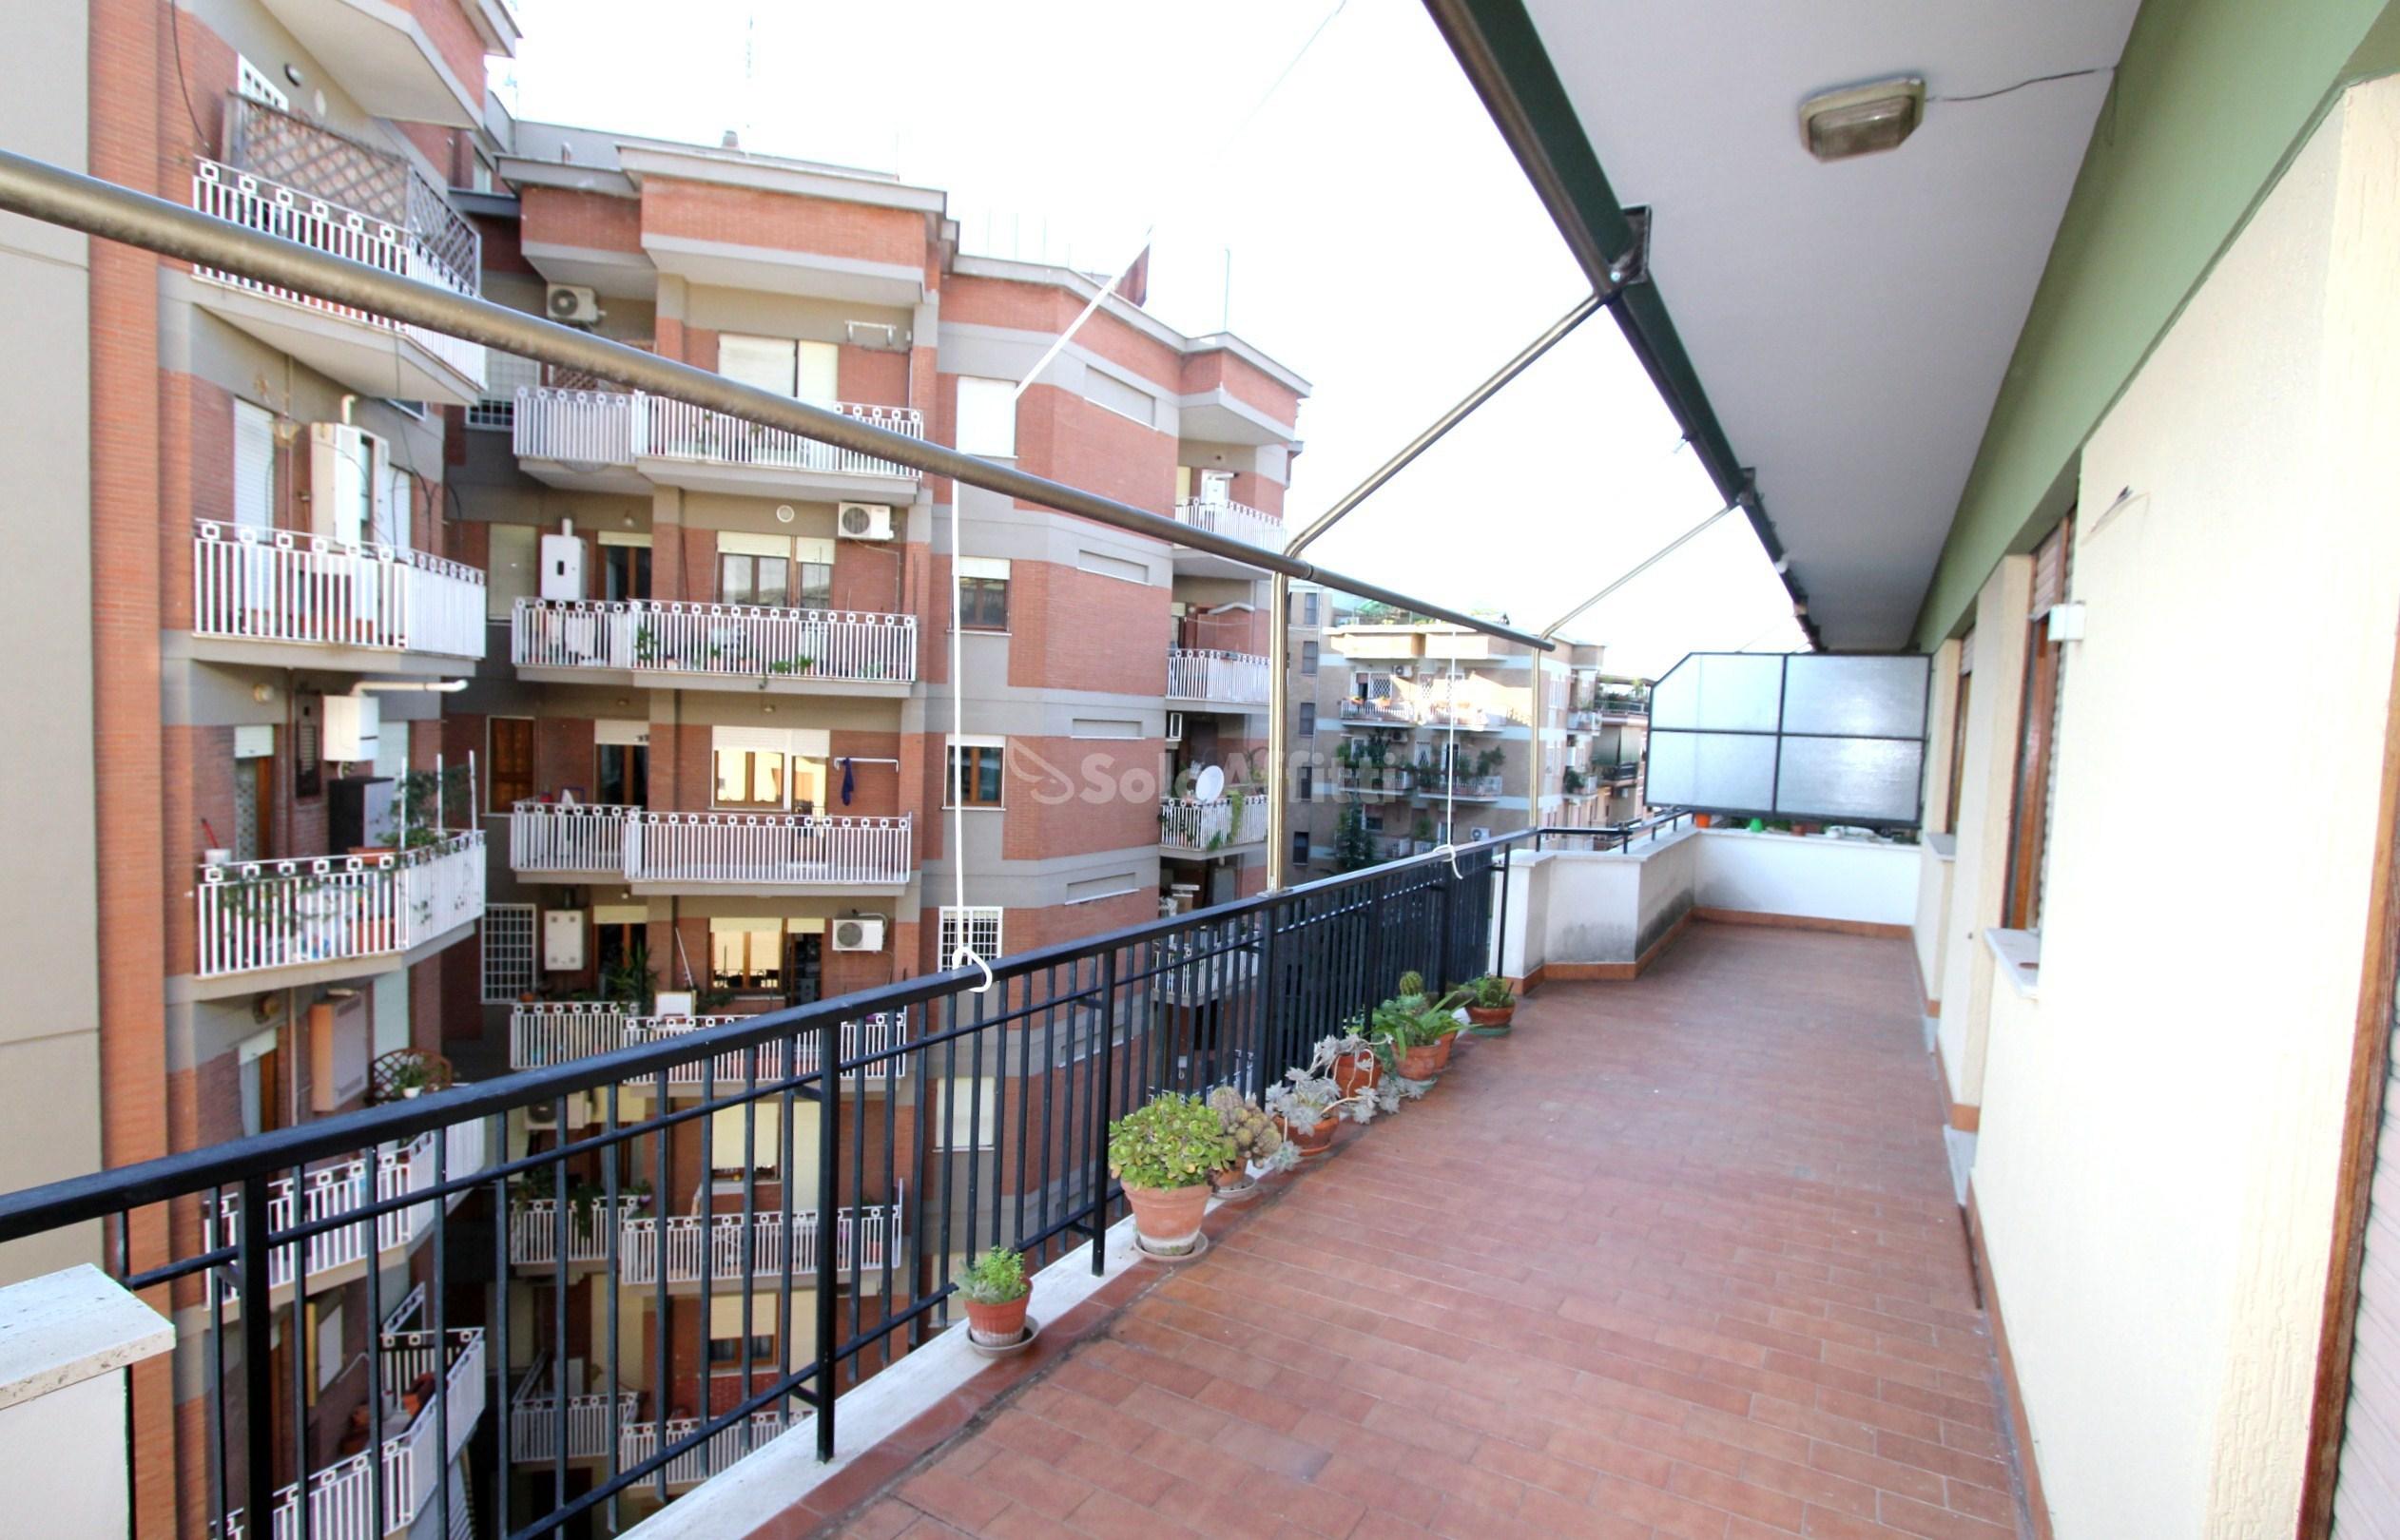 Affitto case roma affitto appartamenti ville solo affitti for Affitti temporanei appartamenti roma